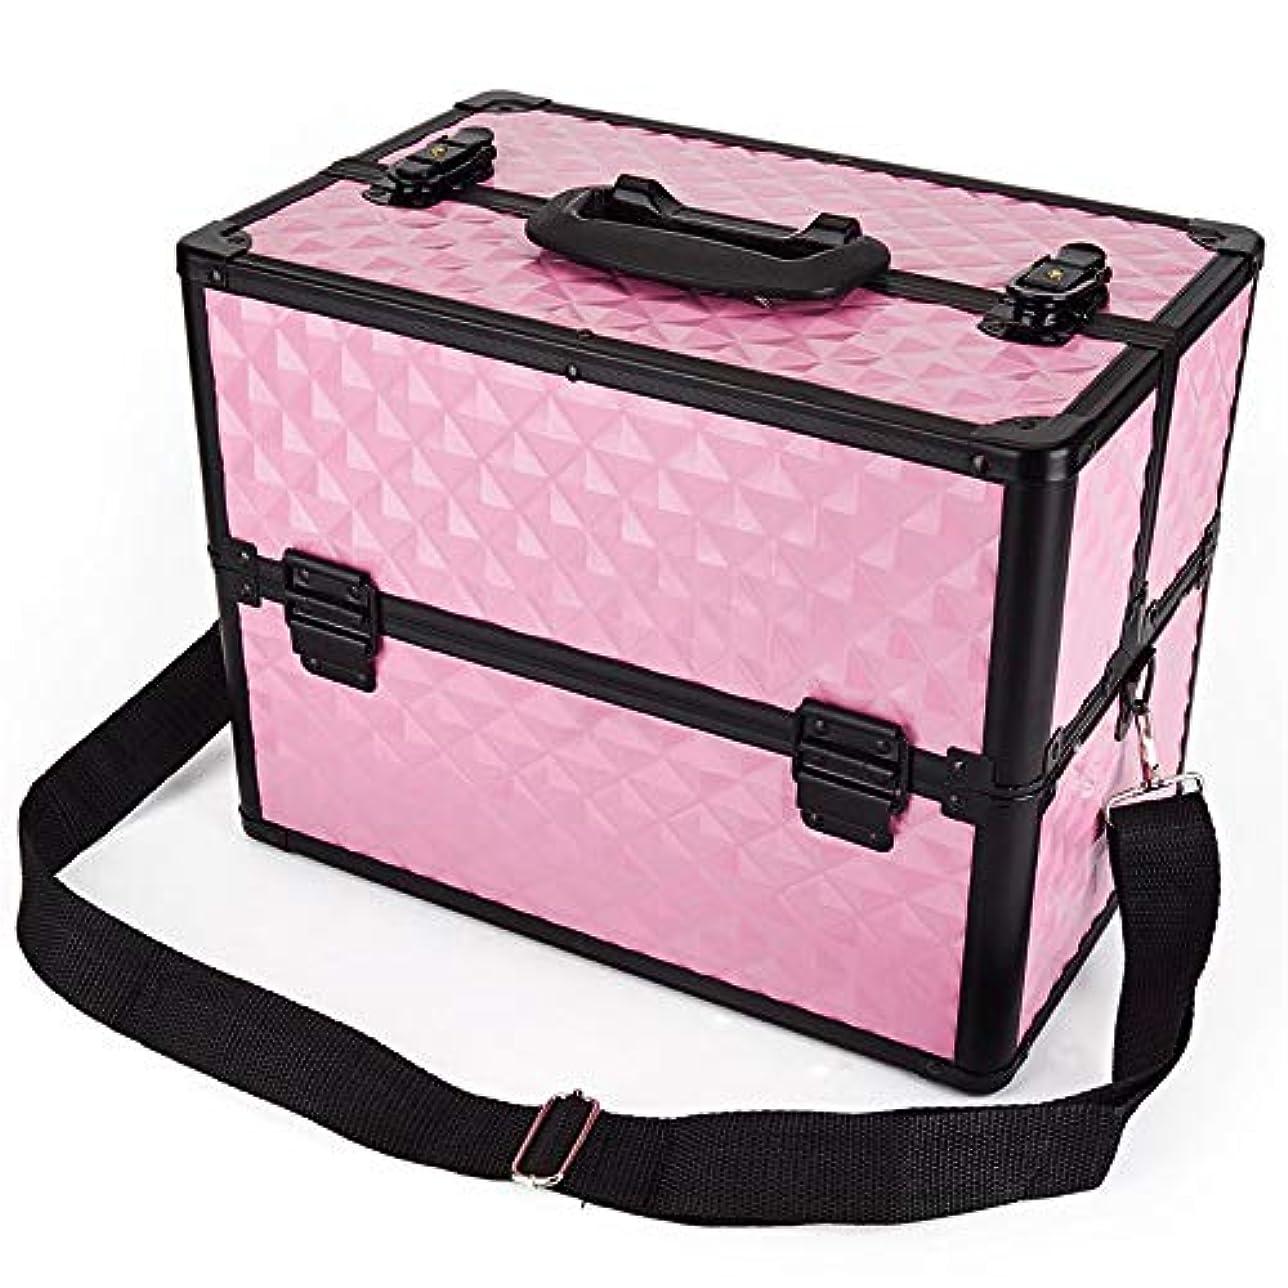 化粧オーガナイザーバッグ 多機能ポータブルプロの旅行メイクアップバッグパターンメイクアップアーティストケーストレインボックス化粧品オーガナイザー収納用十代の女の子女性アーティスト 化粧品ケース (色 : ピンク)